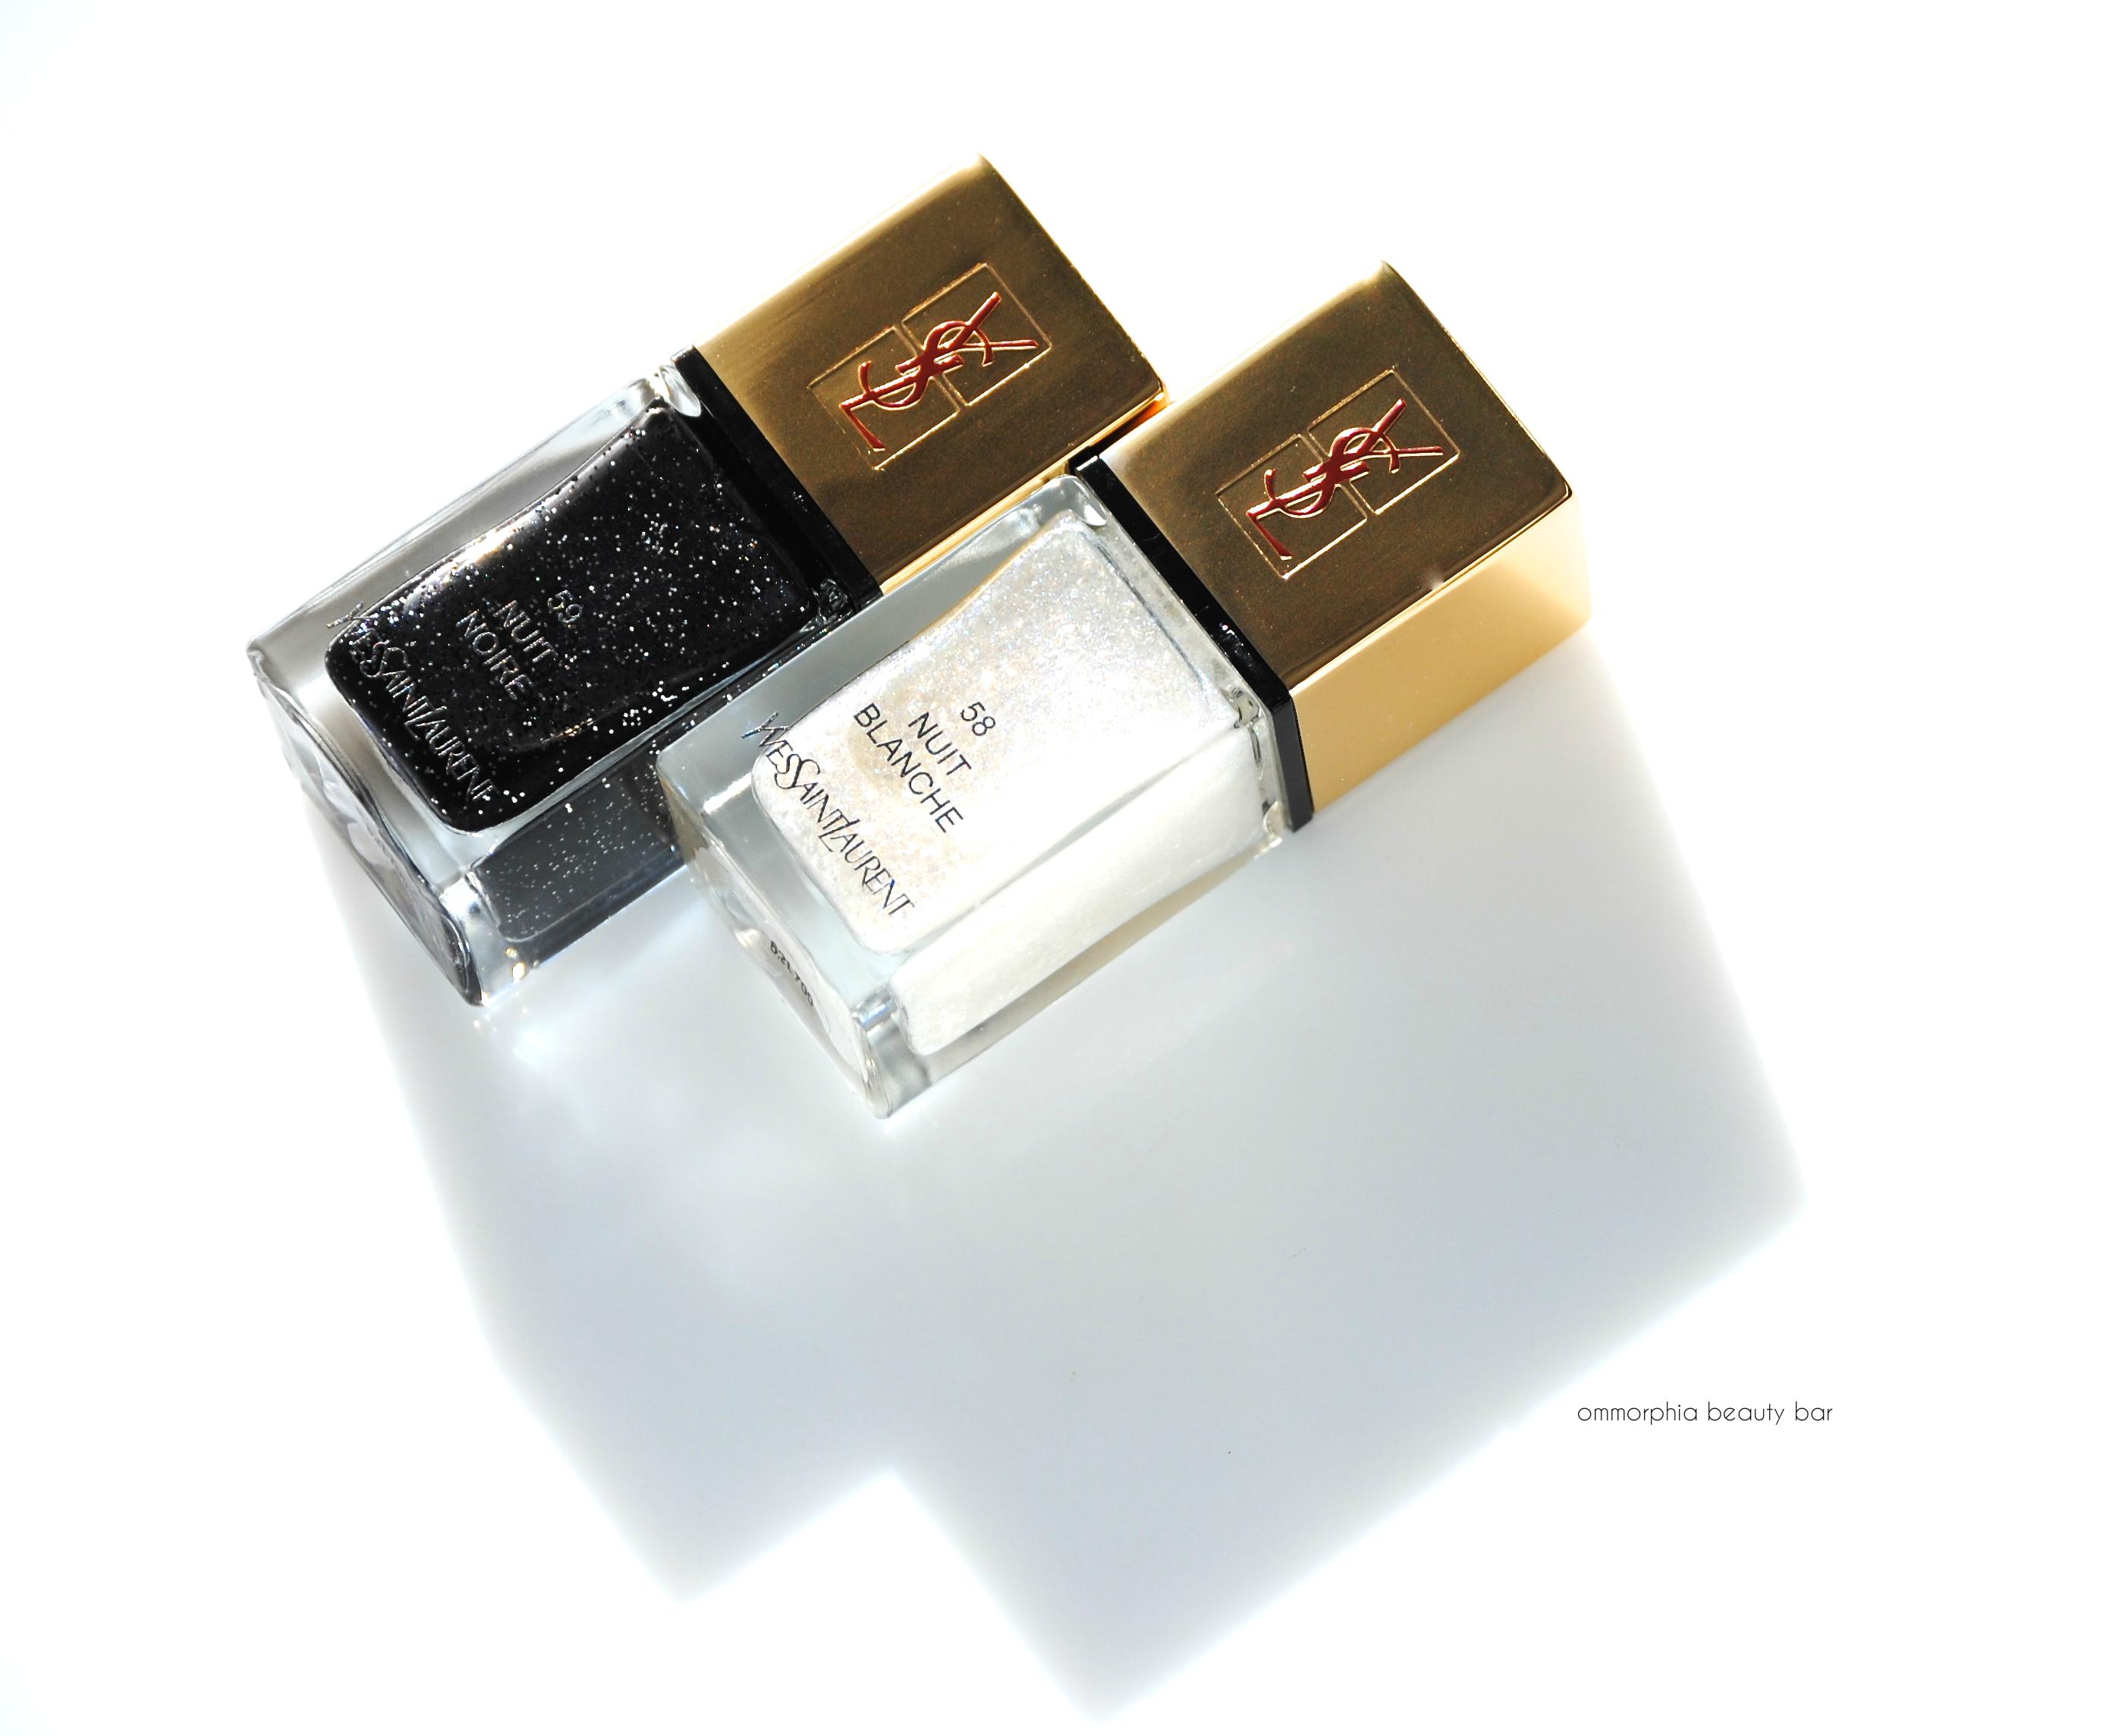 Ysl beaut la laque couture 58 nuit blanche 59 nuit noire ommorphia - Etagere blanche laque ...